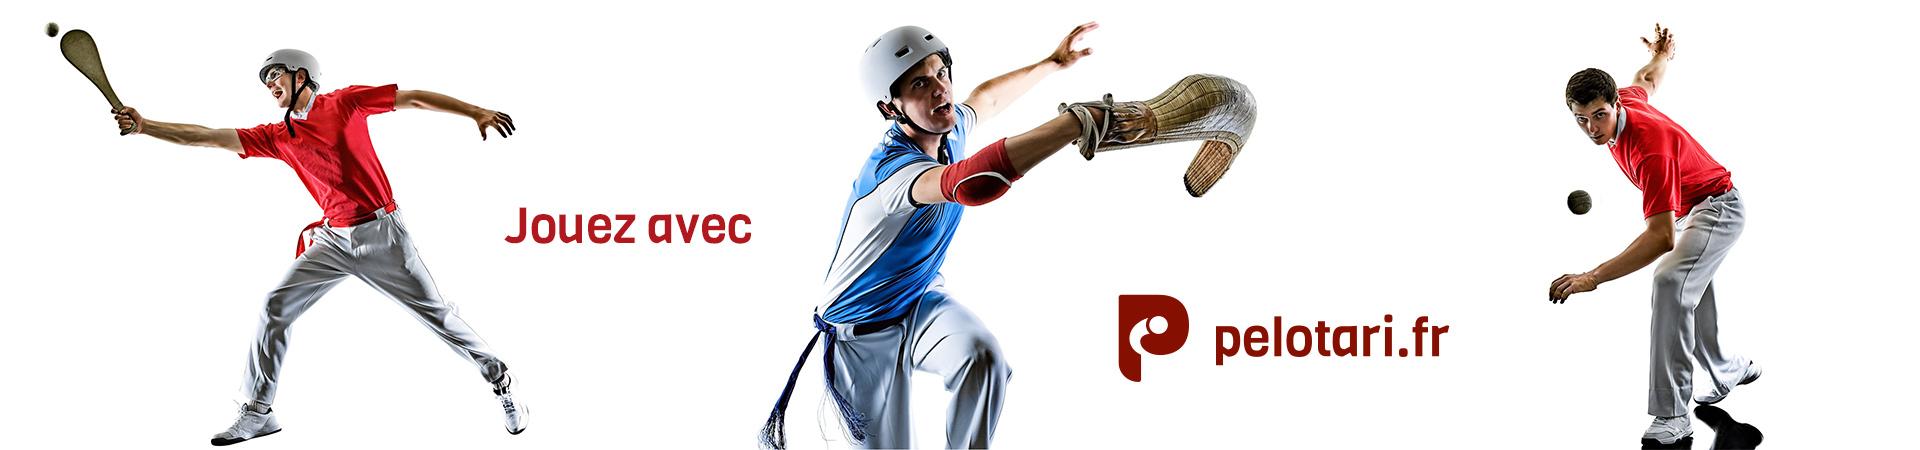 Pelotari.fr toutes spécialités pala paleta chistera cesta punta main nue jouez à la pelote